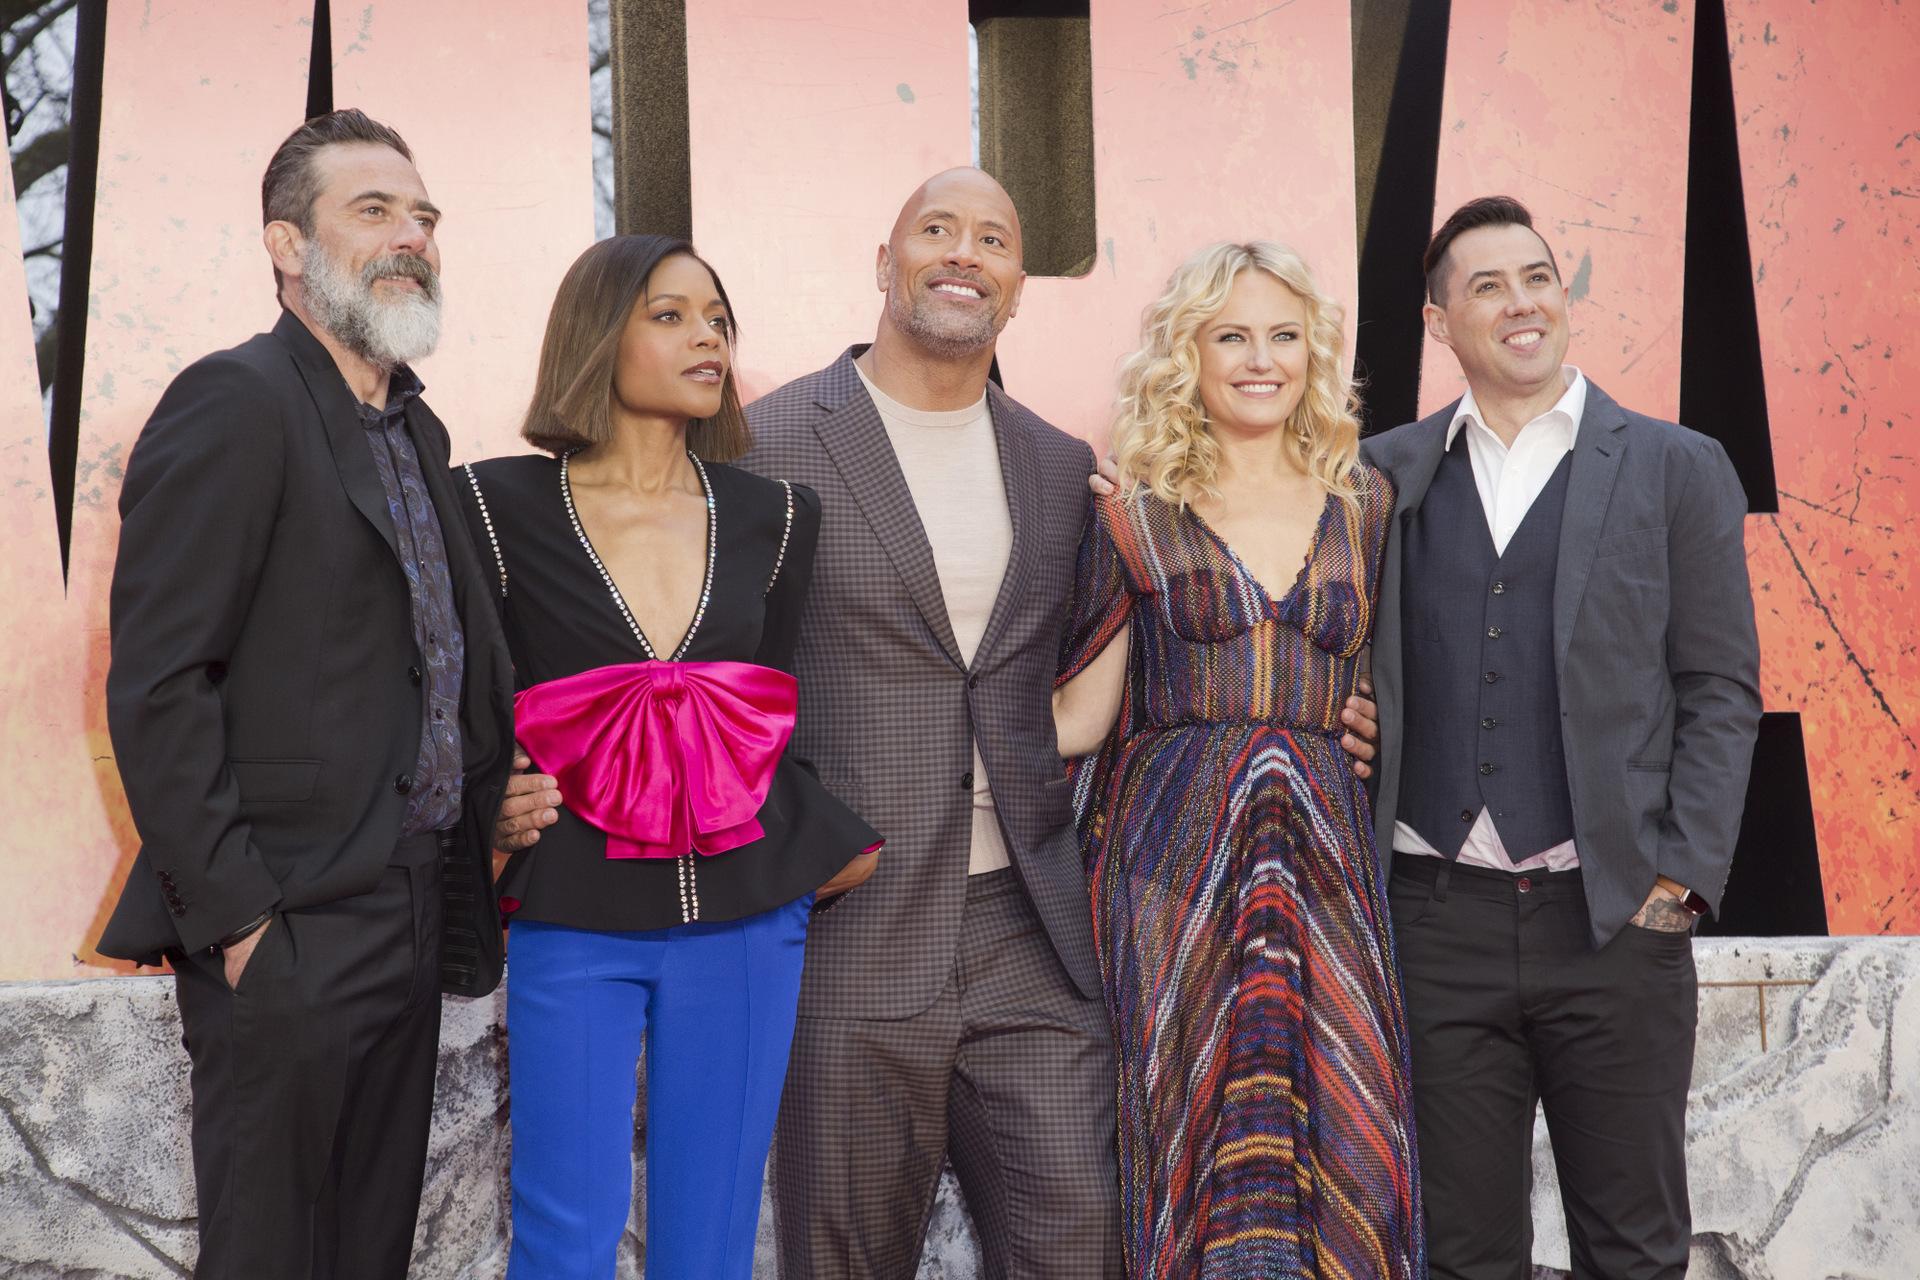 Rampage European Premiere - Dwayne Johnson, Jeffrey Dean Morgan, Naomie Harris, Malin Akerman & Brad Peyton